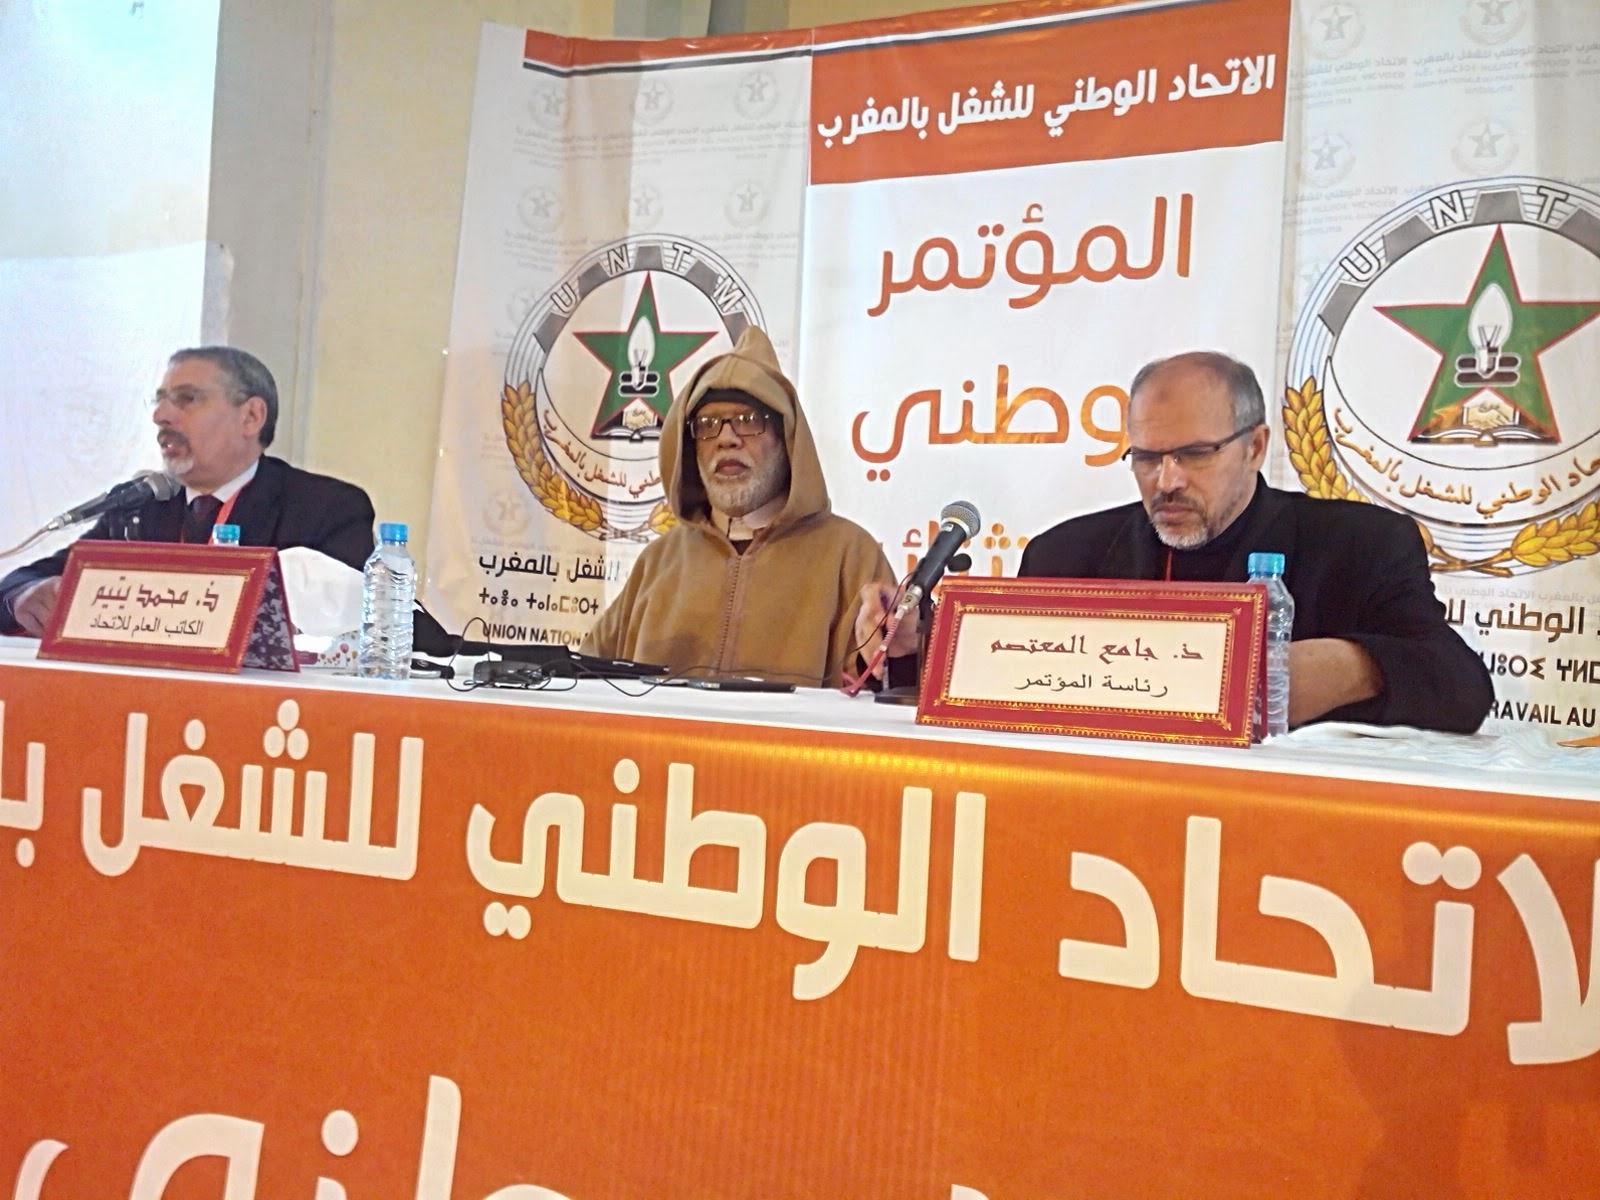 الاتحاد الوطني للشغل بالمغرب يصادق على تعديلات في قوانينه بالمؤتمر الاستثنائي بالقنيطرة